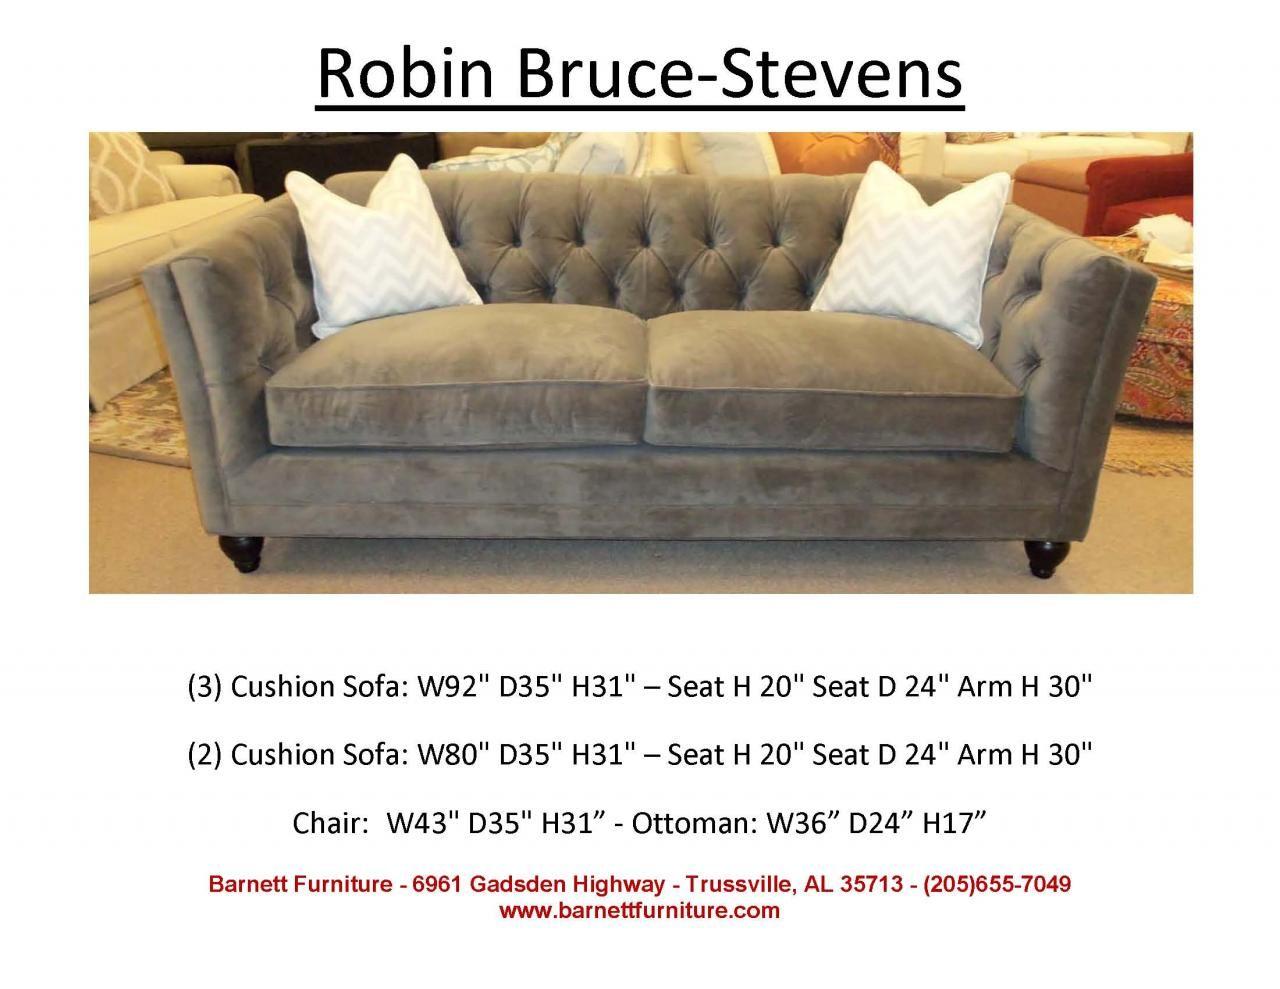 Robin Bruce Stevens Sofa Love This Sofa Barnett